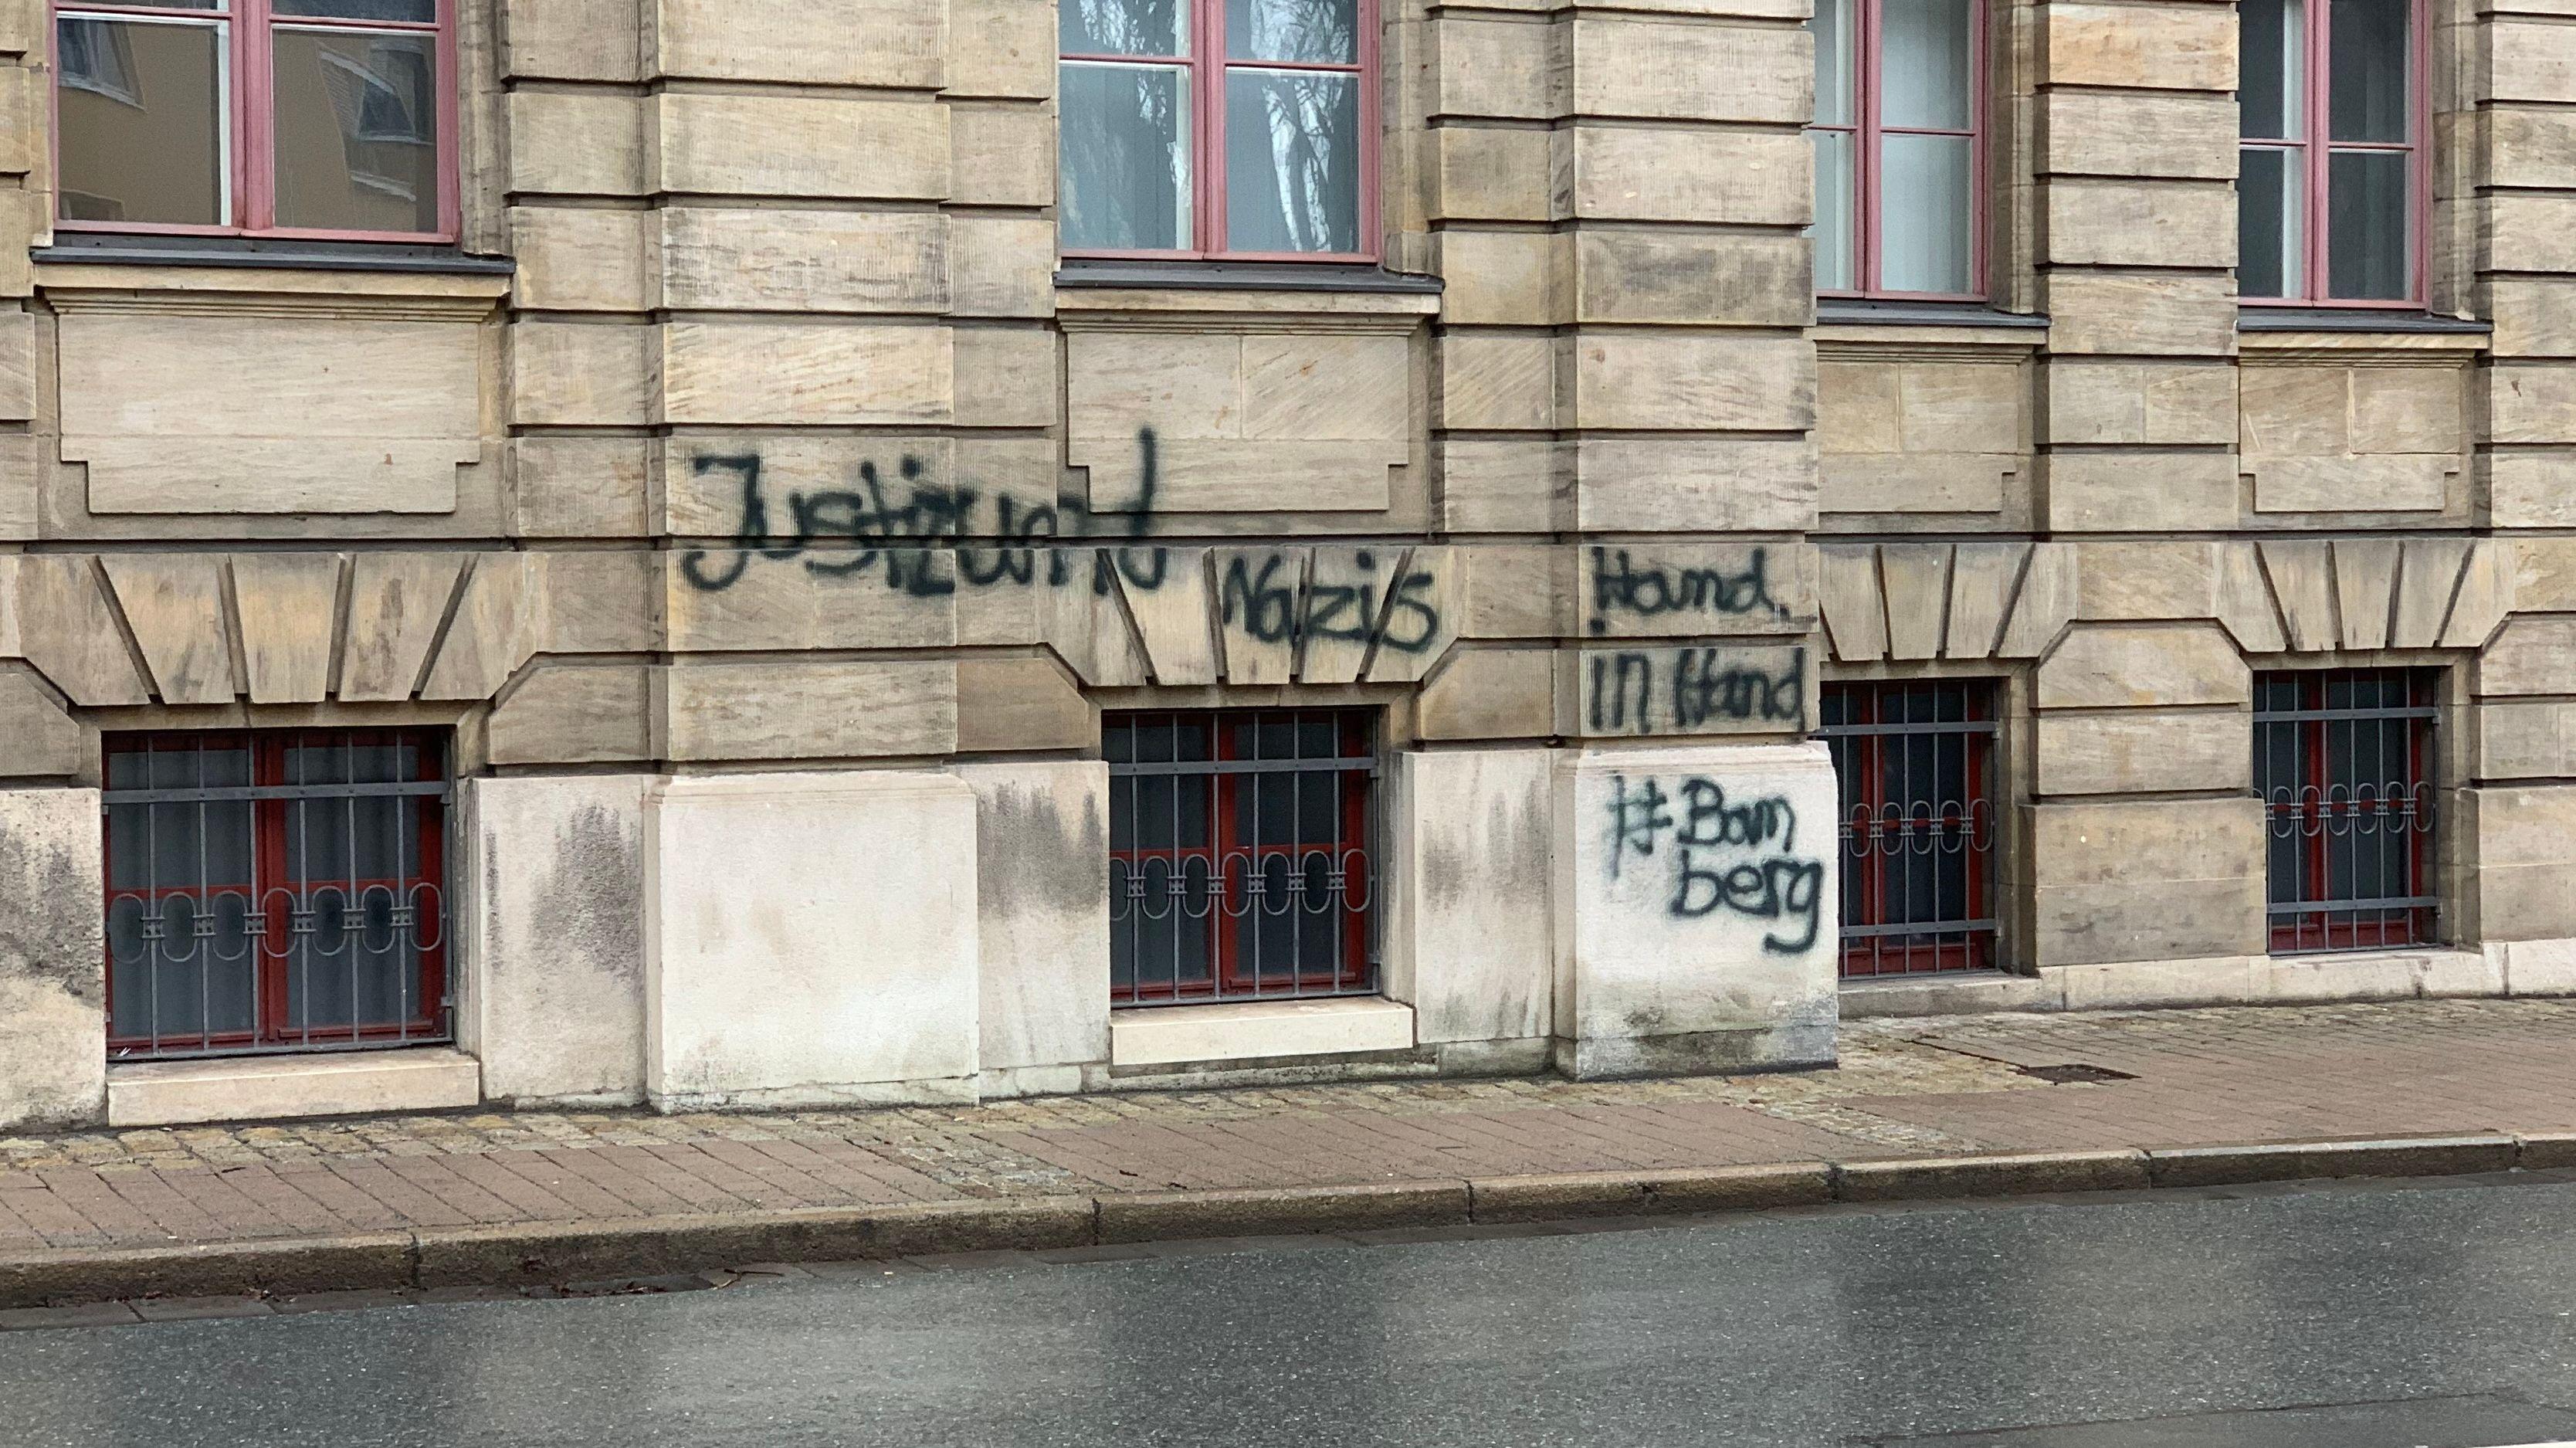 Auf eine Wand des Justizpalast Bayreuth ist ein Graffiti gesprüht.